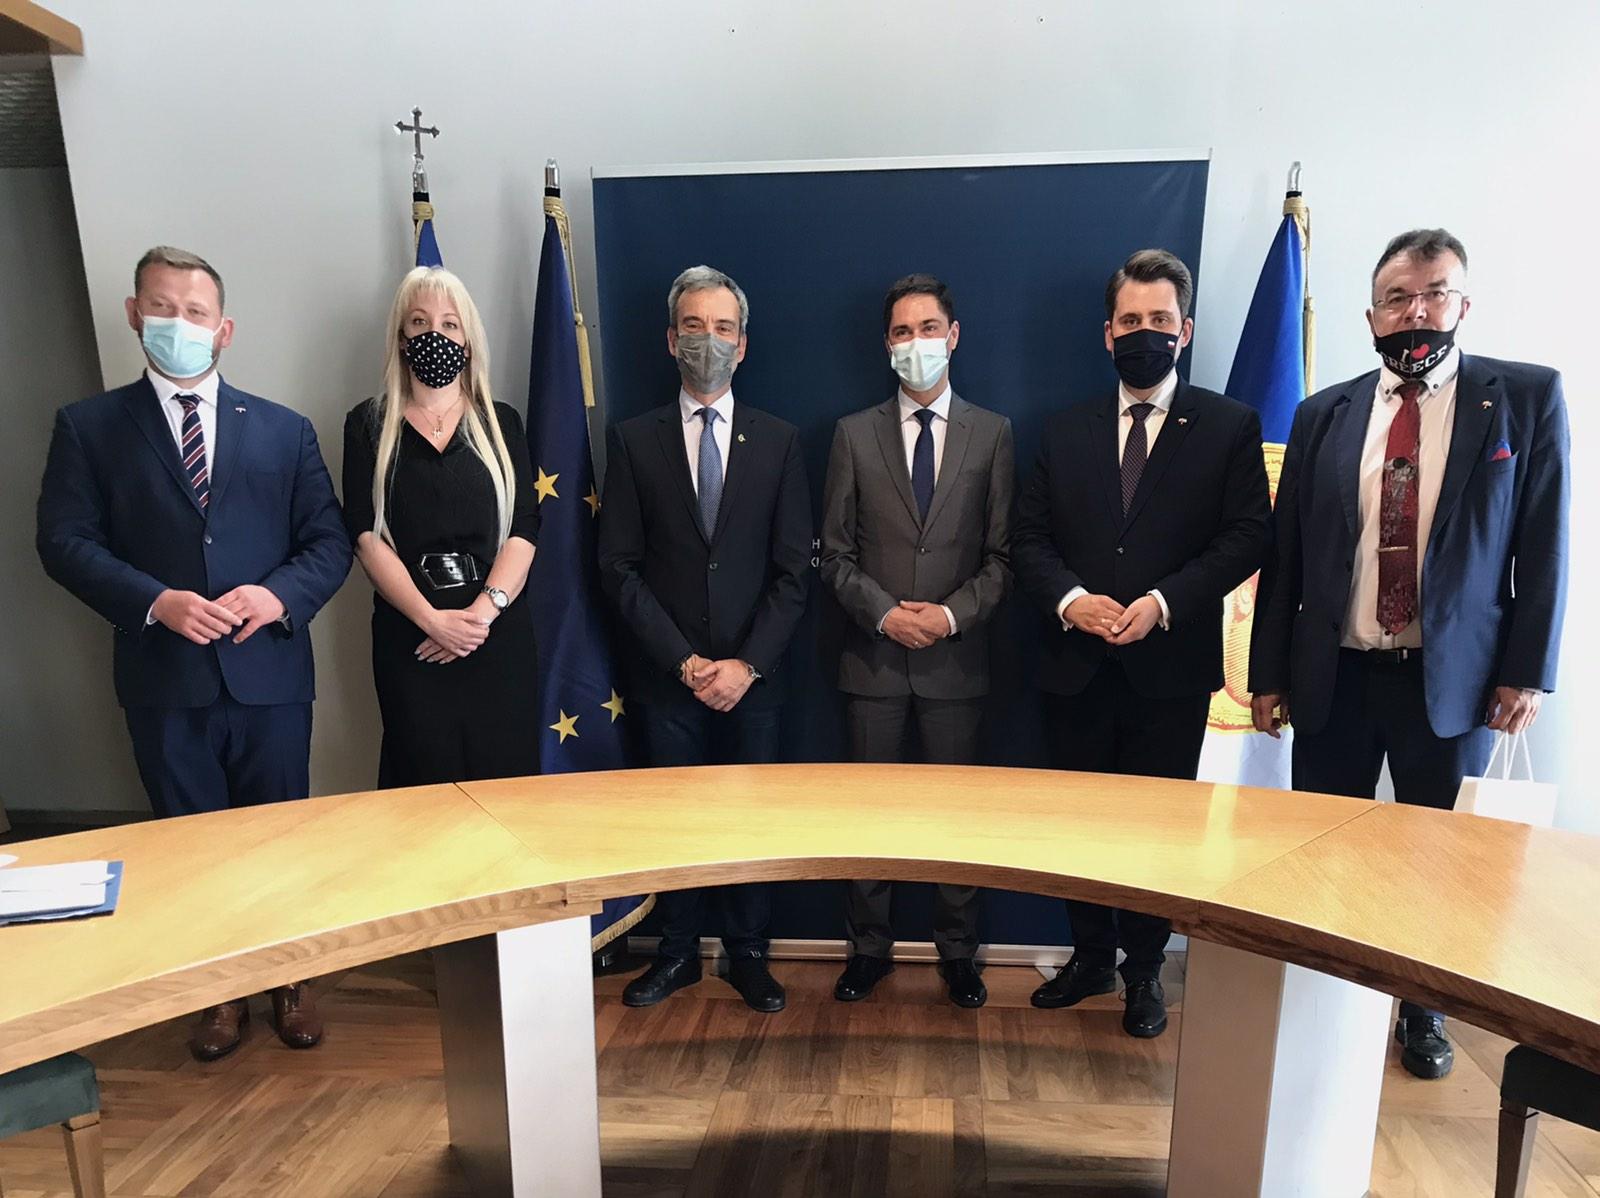 Συνάντηση του Δημάρχου Θεσσαλονίκης Κωνσταντίνου Ζέρβα με τον Πρέσβη της Πολωνίας Artur Lompart